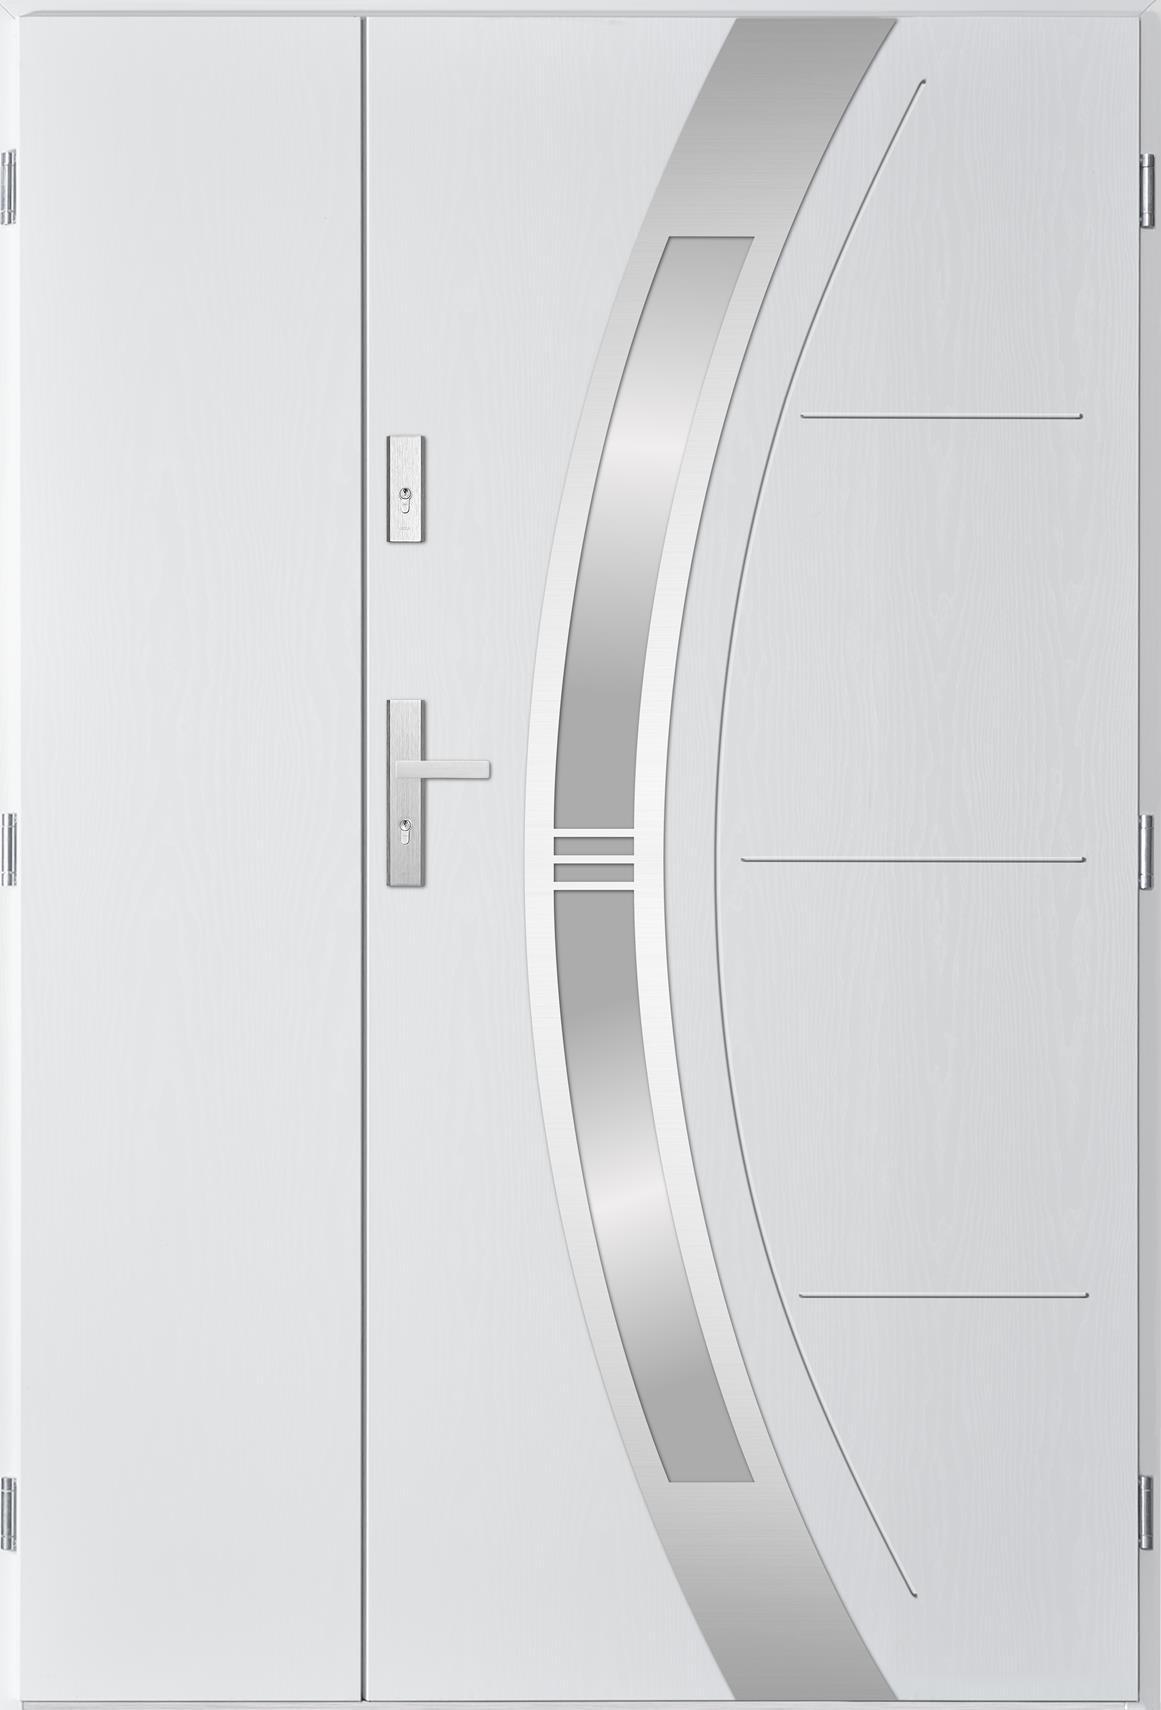 Dvoukøídlé ocelové vchodové dveøe Andrea, bílá